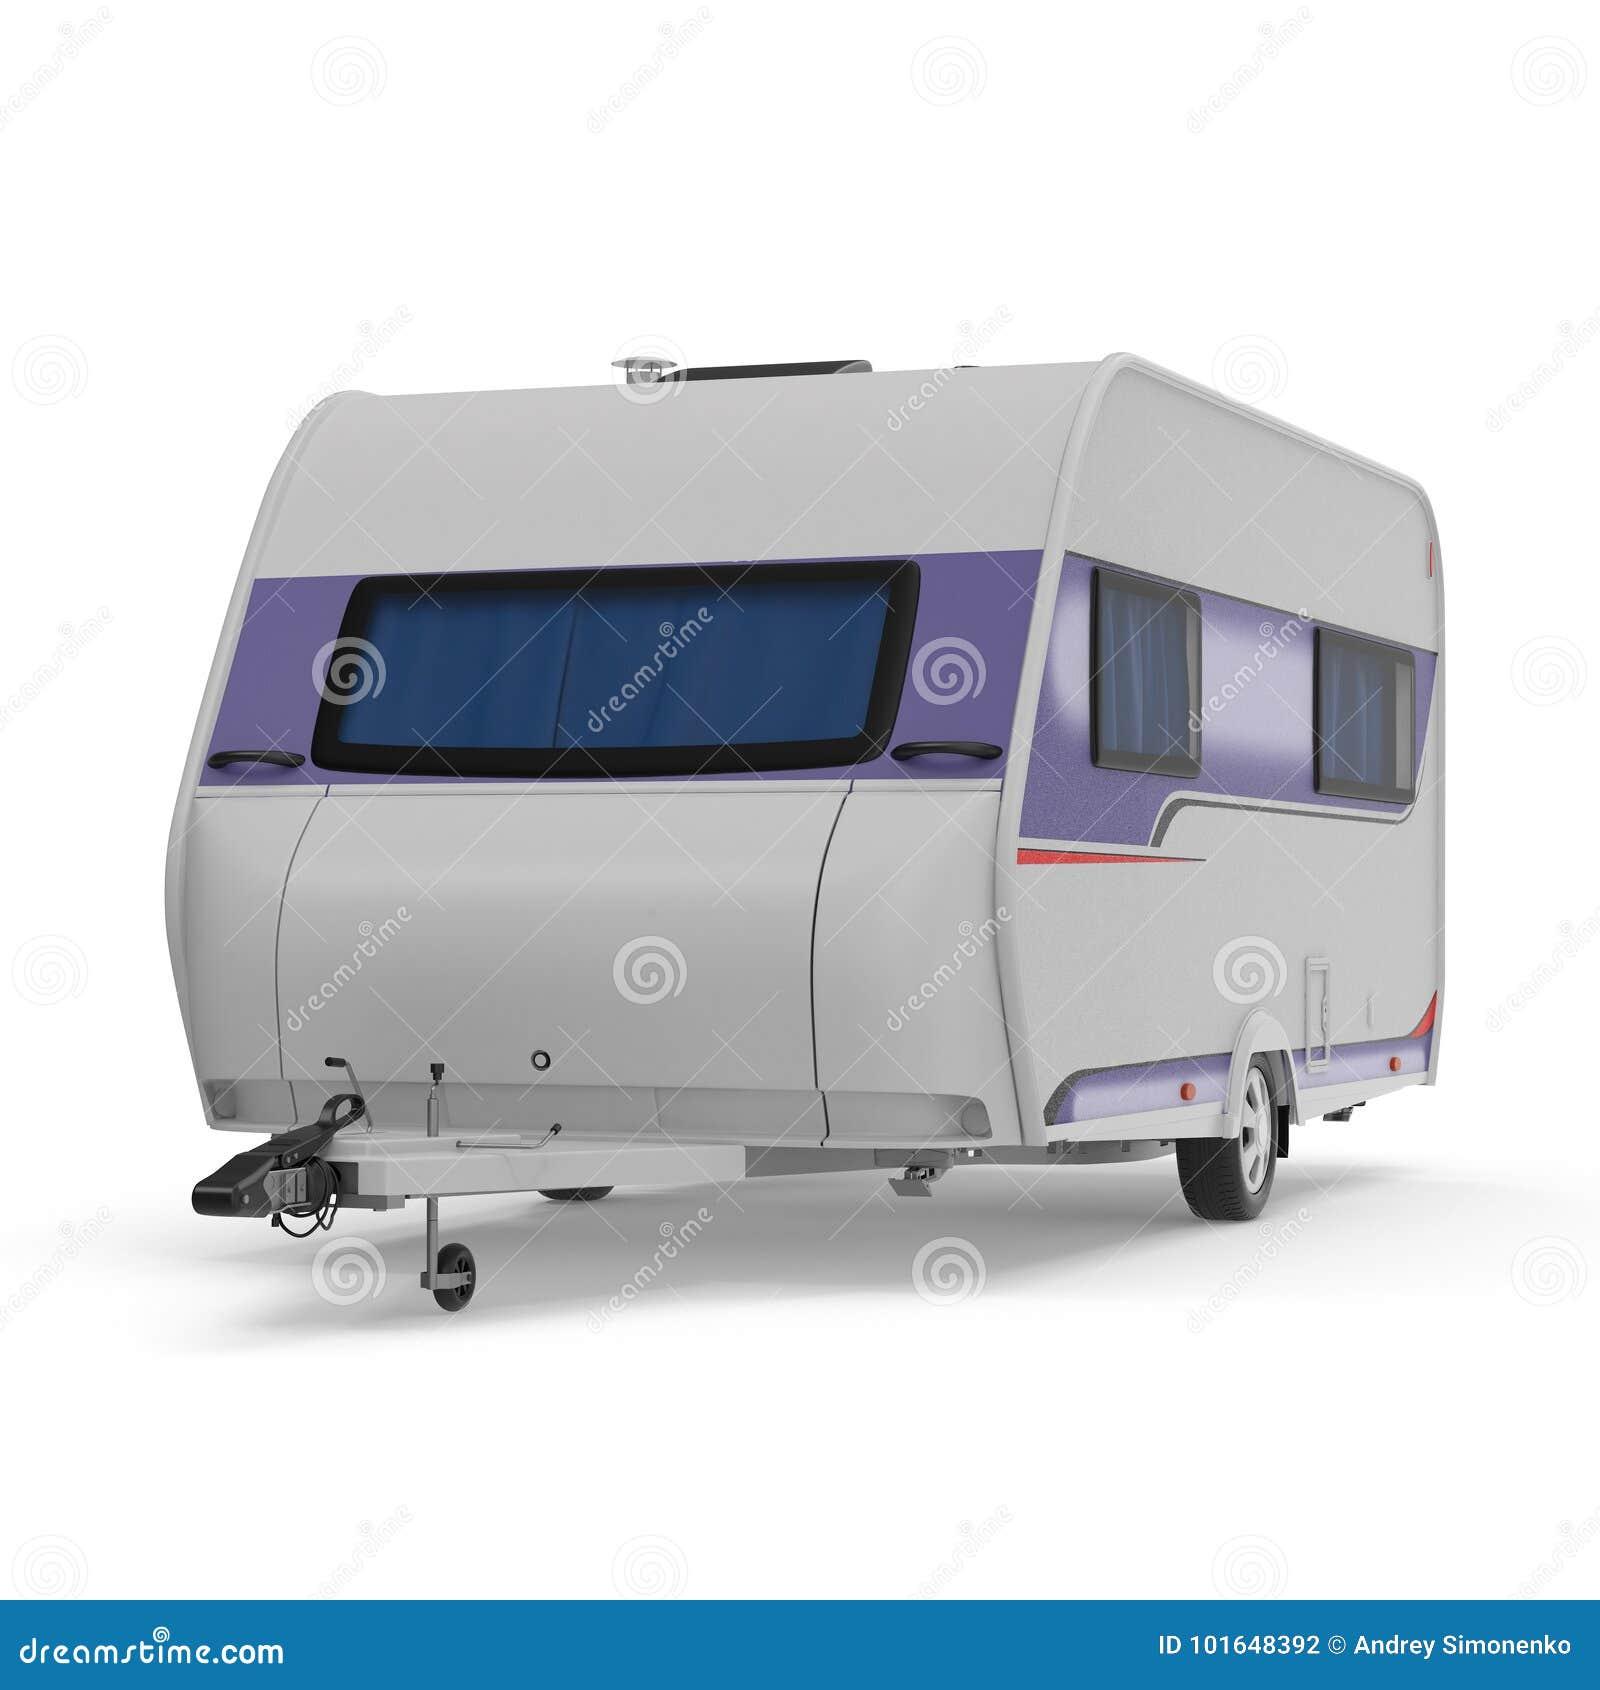 Caravan Trailer on white. 3D illustration